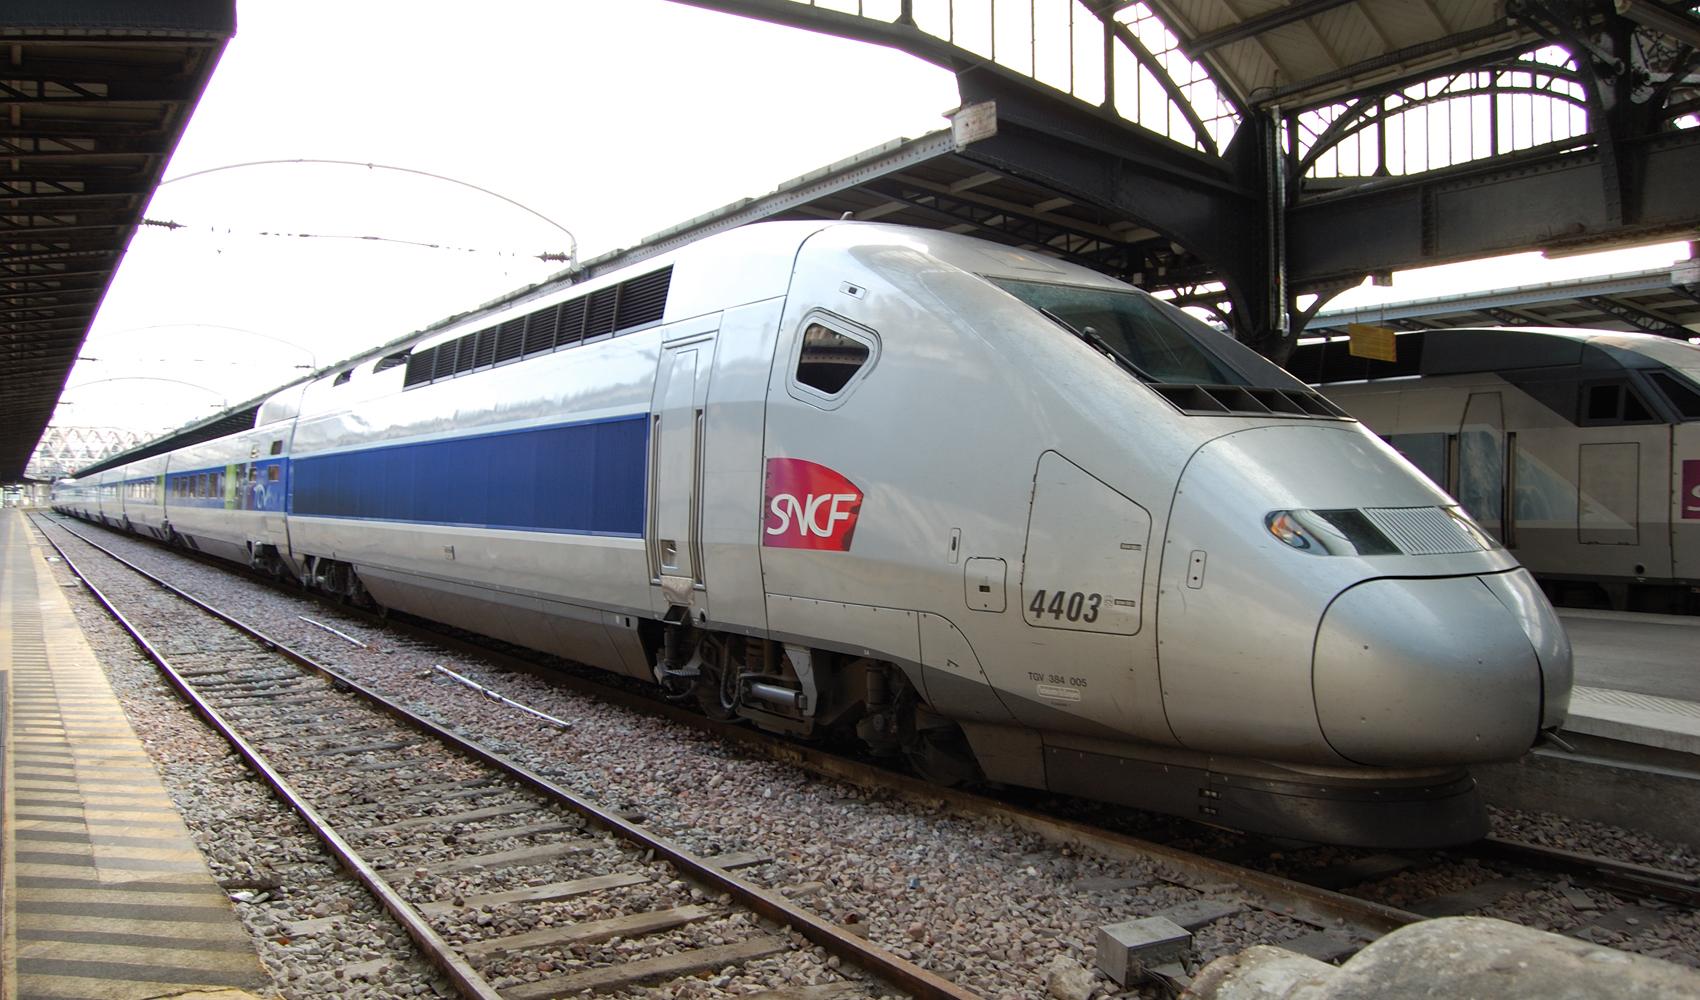 Самые быстрые поезда в мире Топ-11 - TopMira com